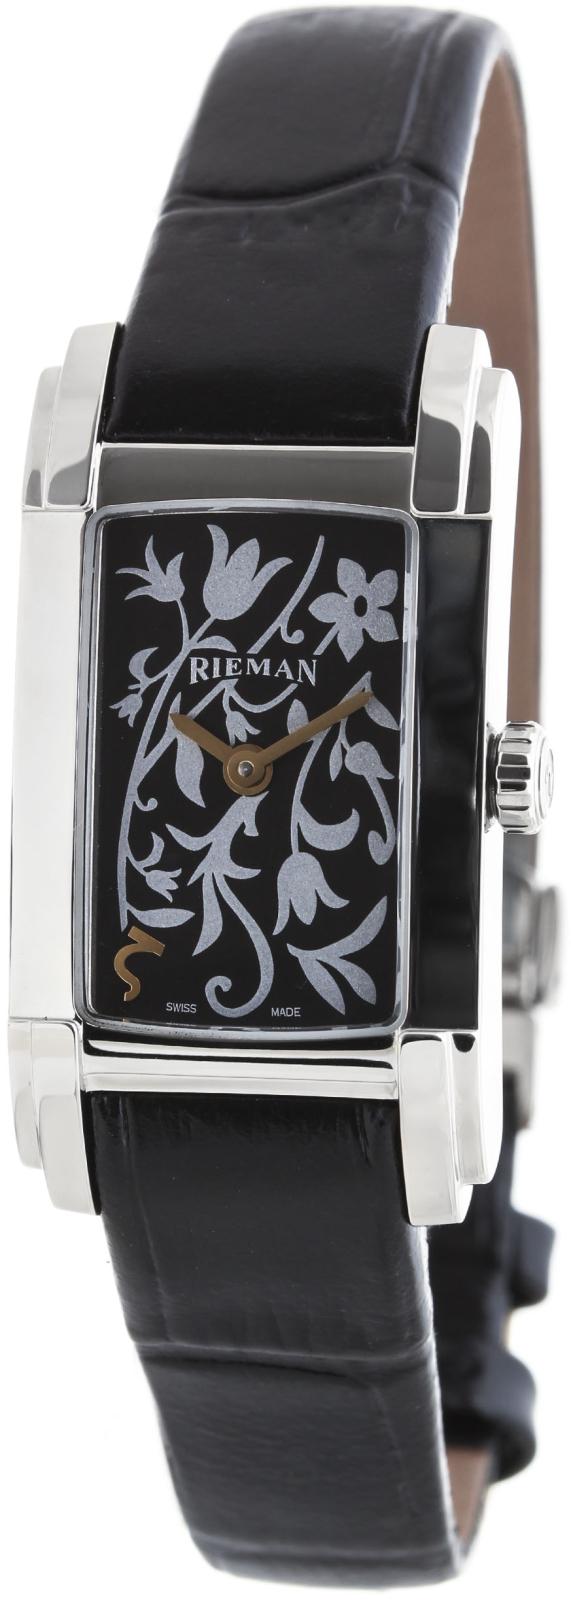 Rieman Integrale Ladies R6440.109.212Наручные часы<br>Швейцарские часы Rieman Integrale Ladies R6440.109.212Модель входит в коллекцию Integrale Ladies. Это модные женские часы. Материал корпуса часов — сталь. В этих часах используется сапфировое стекло. Водозащита этих часов 30 м. Основной цвет циферблата черный. Циферблат часов содержит часы, минуты. В этой модели используются такие усложнения как . Корпус часов в диаметре 21х41мм.<br><br>Пол: Женские<br>Страна-производитель: Швейцария<br>Механизм: Кварцевый<br>Материал корпуса: Сталь<br>Материал ремня/браслета: Кожа<br>Водозащита, диапазон: 20 - 100 м<br>Стекло: Сапфировое<br>Толщина корпуса: None<br>Стиль: Классика